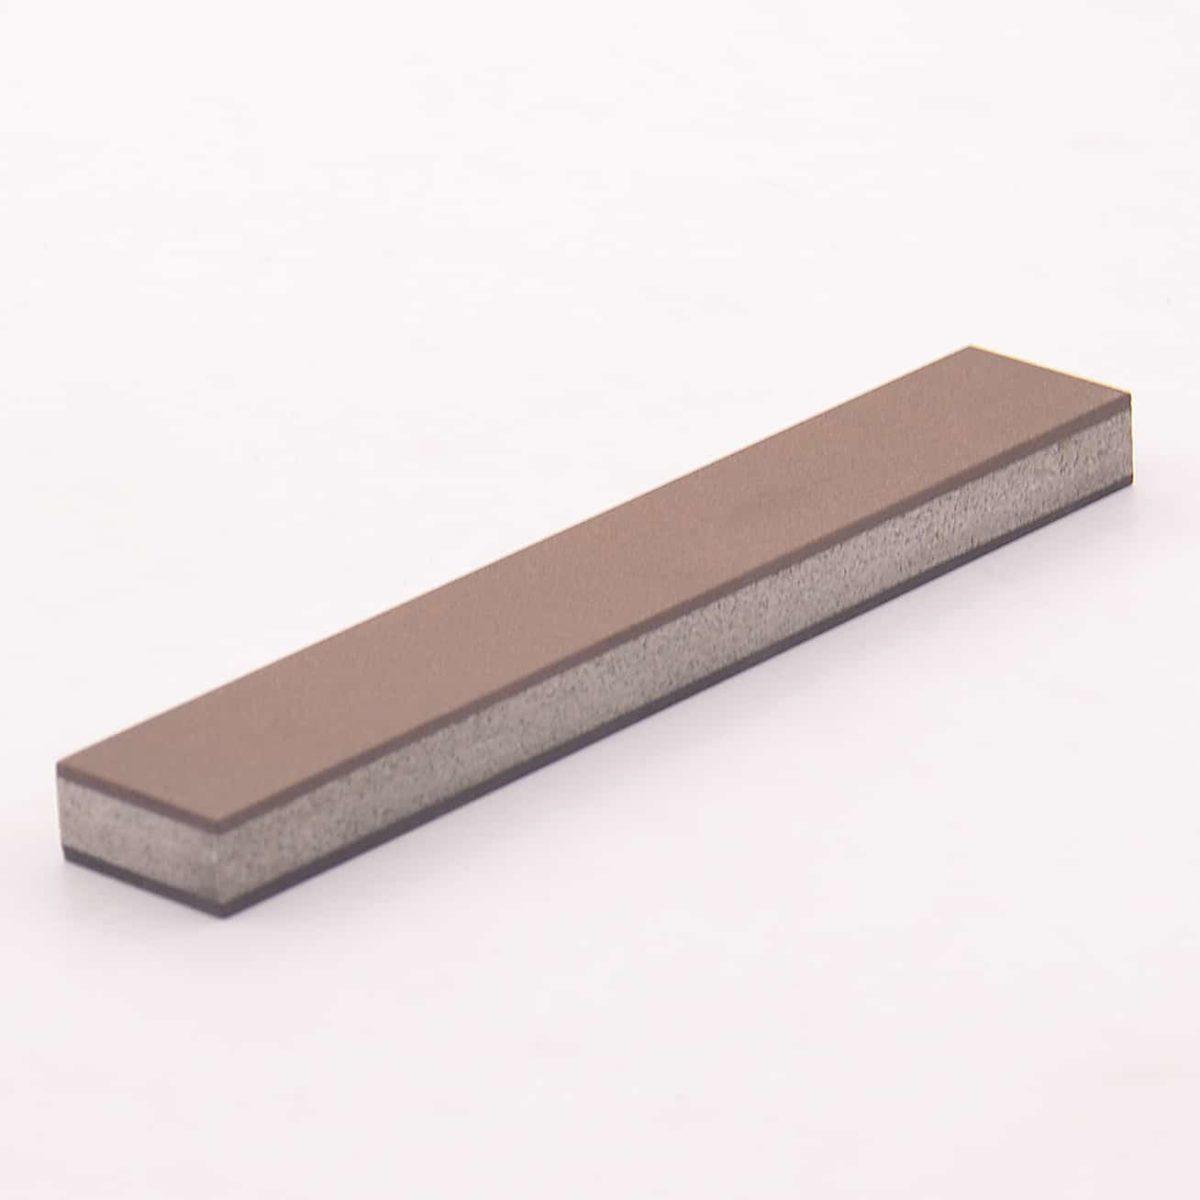 Алмазный 2-х сторонний брусок VID 3/2-1/0 С25%, 25мм